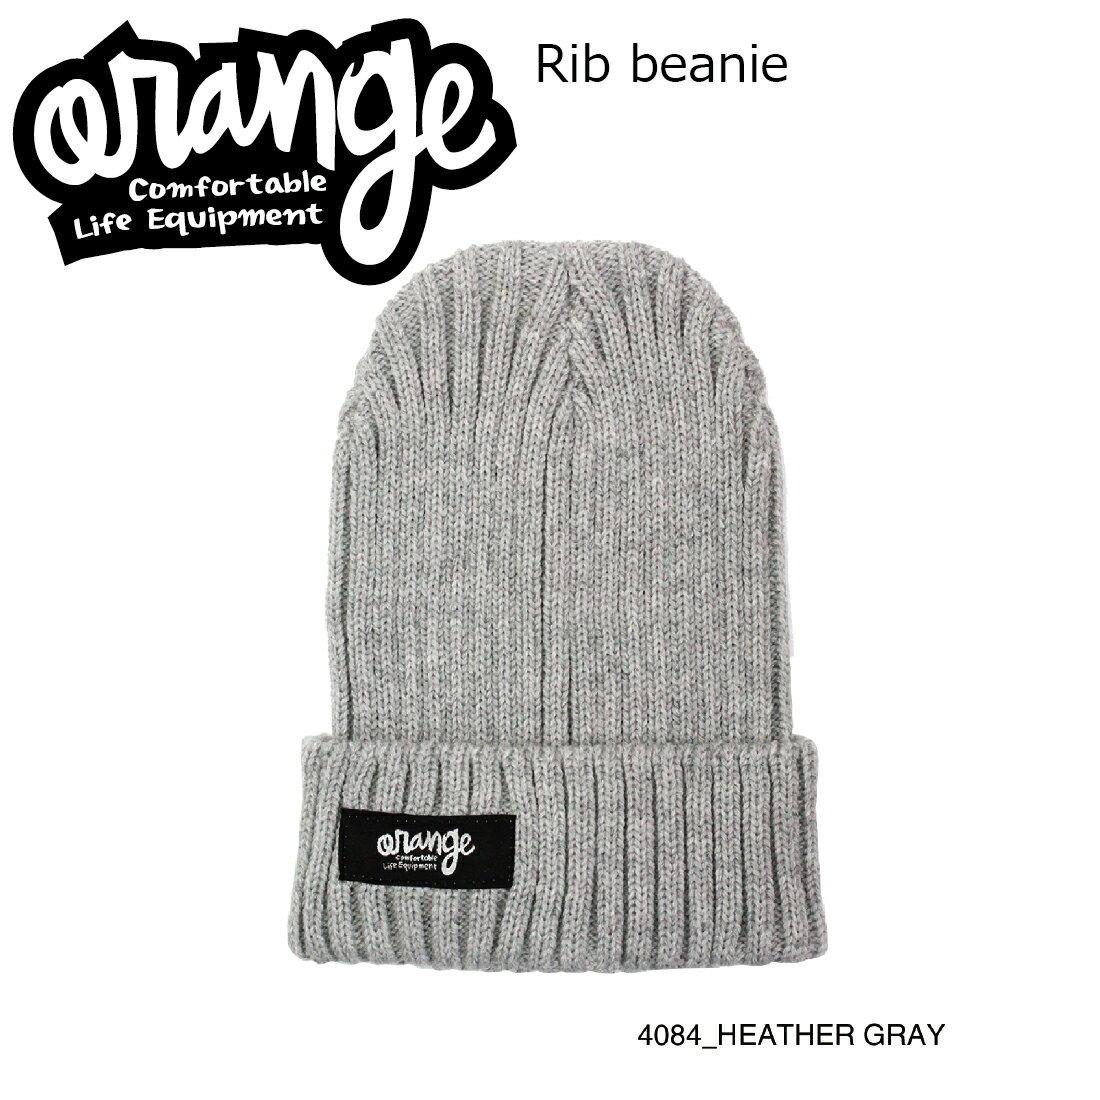 Oran'ge Rib Beanie 4084 HEATHER GRAY オレンジ リブ ビーニー ニットキャップ 2つ折り